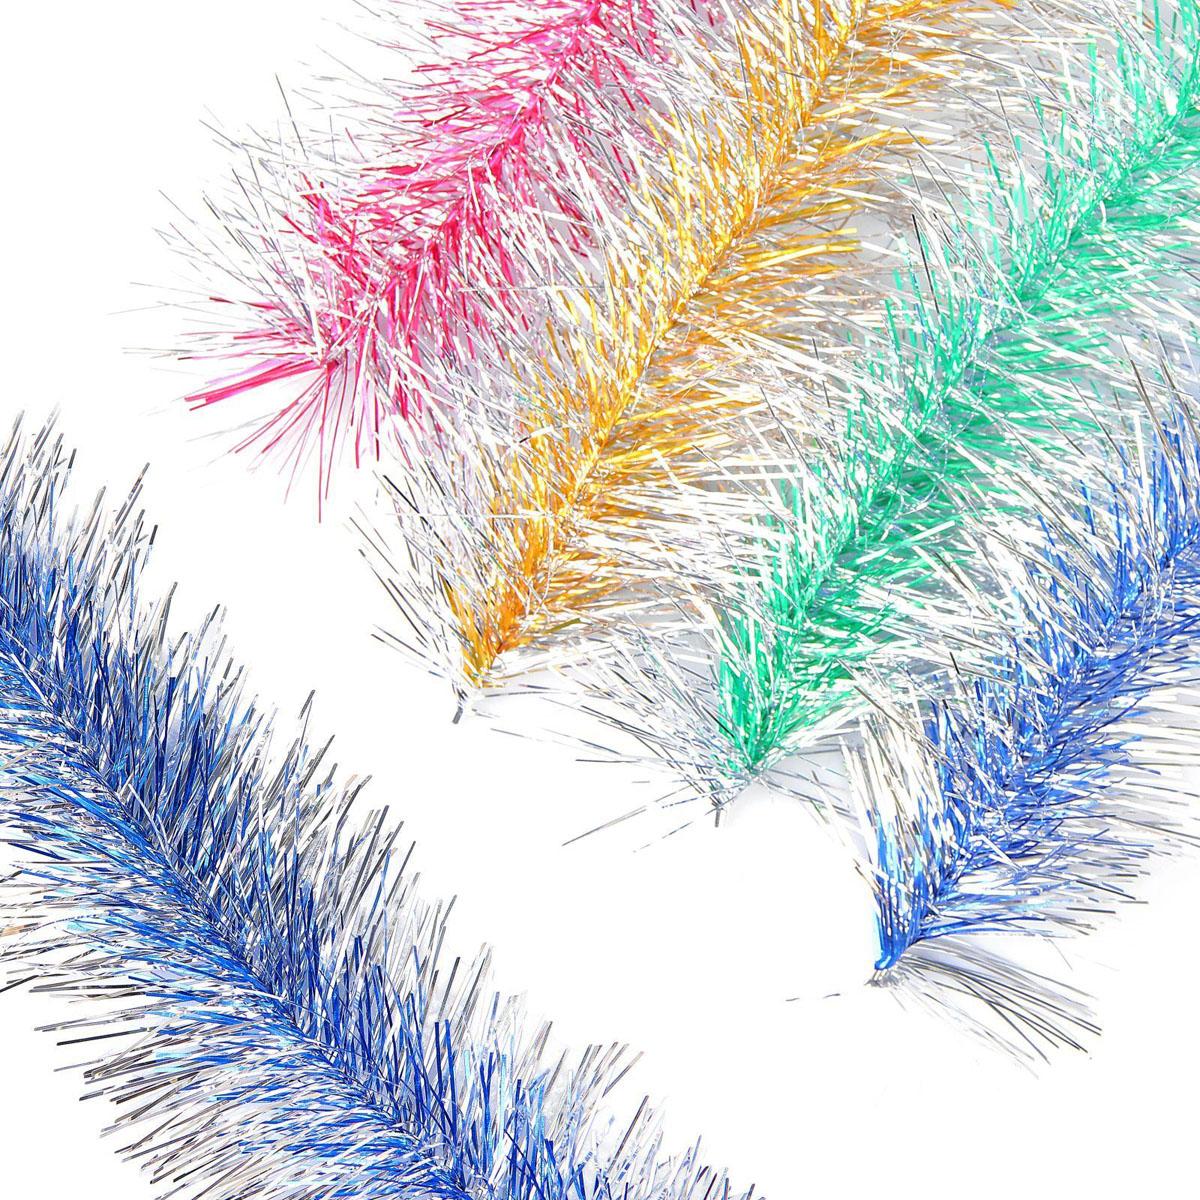 Мишура новогодняя Sima-land №14 пушистая елочка, цвет: серый металлик, диаметр 10 cм, длина 2 м. 25666572566657Невозможно представить нашу жизнь без праздников! Мы всегда ждем их и предвкушаем, обдумываем, как проведем памятный день, тщательно выбираем подарки и аксессуары, ведь именно они создают и поддерживают торжественный настрой.